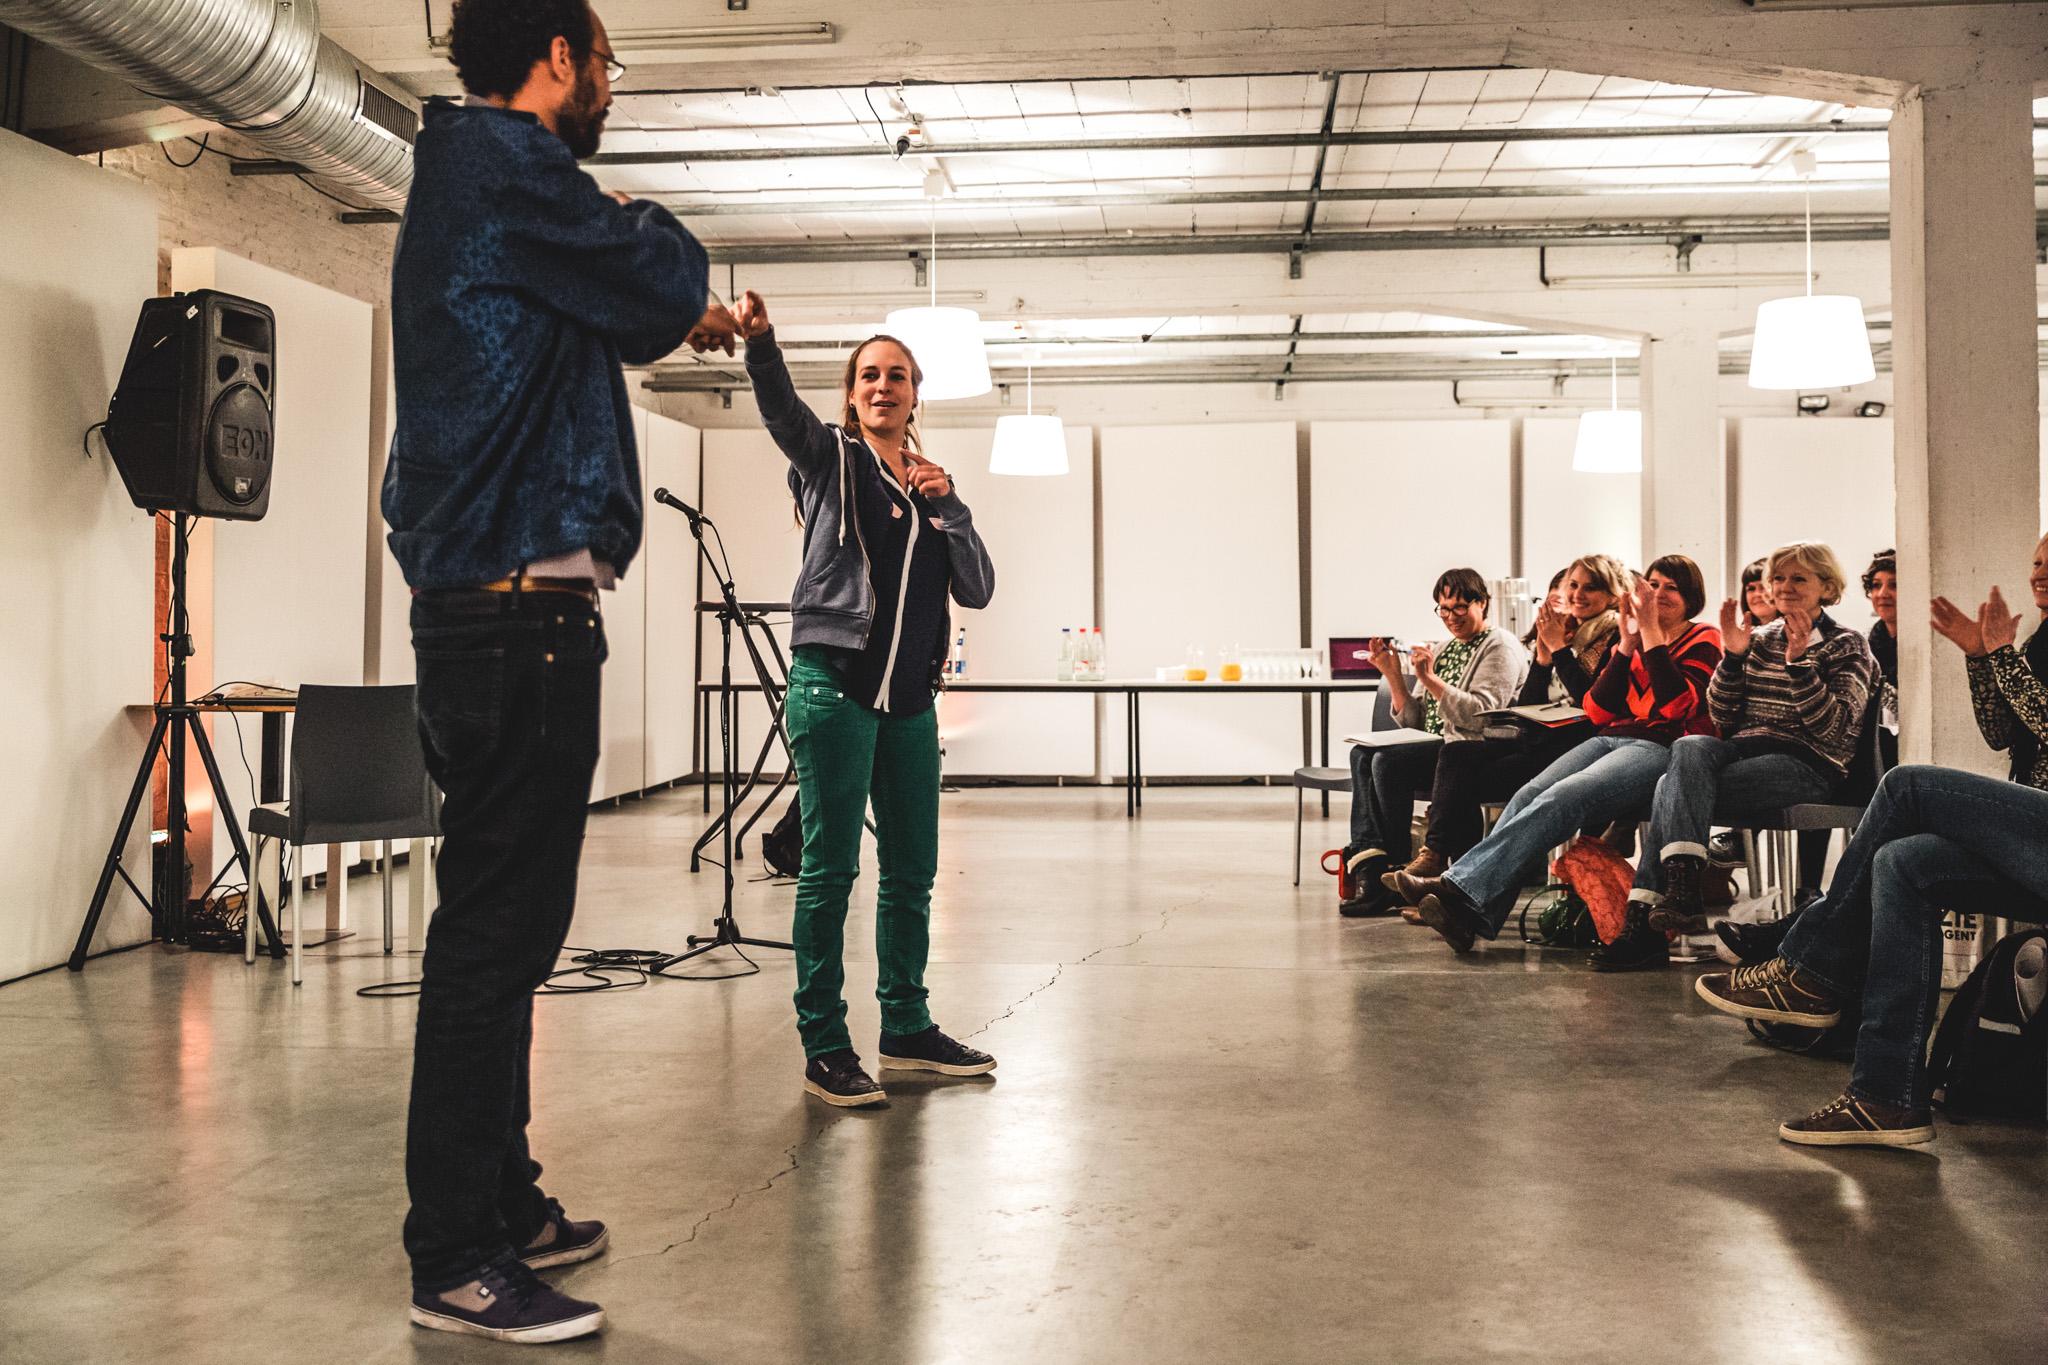 twee poëzieperformers brengen een slamgedicht voor een publiek